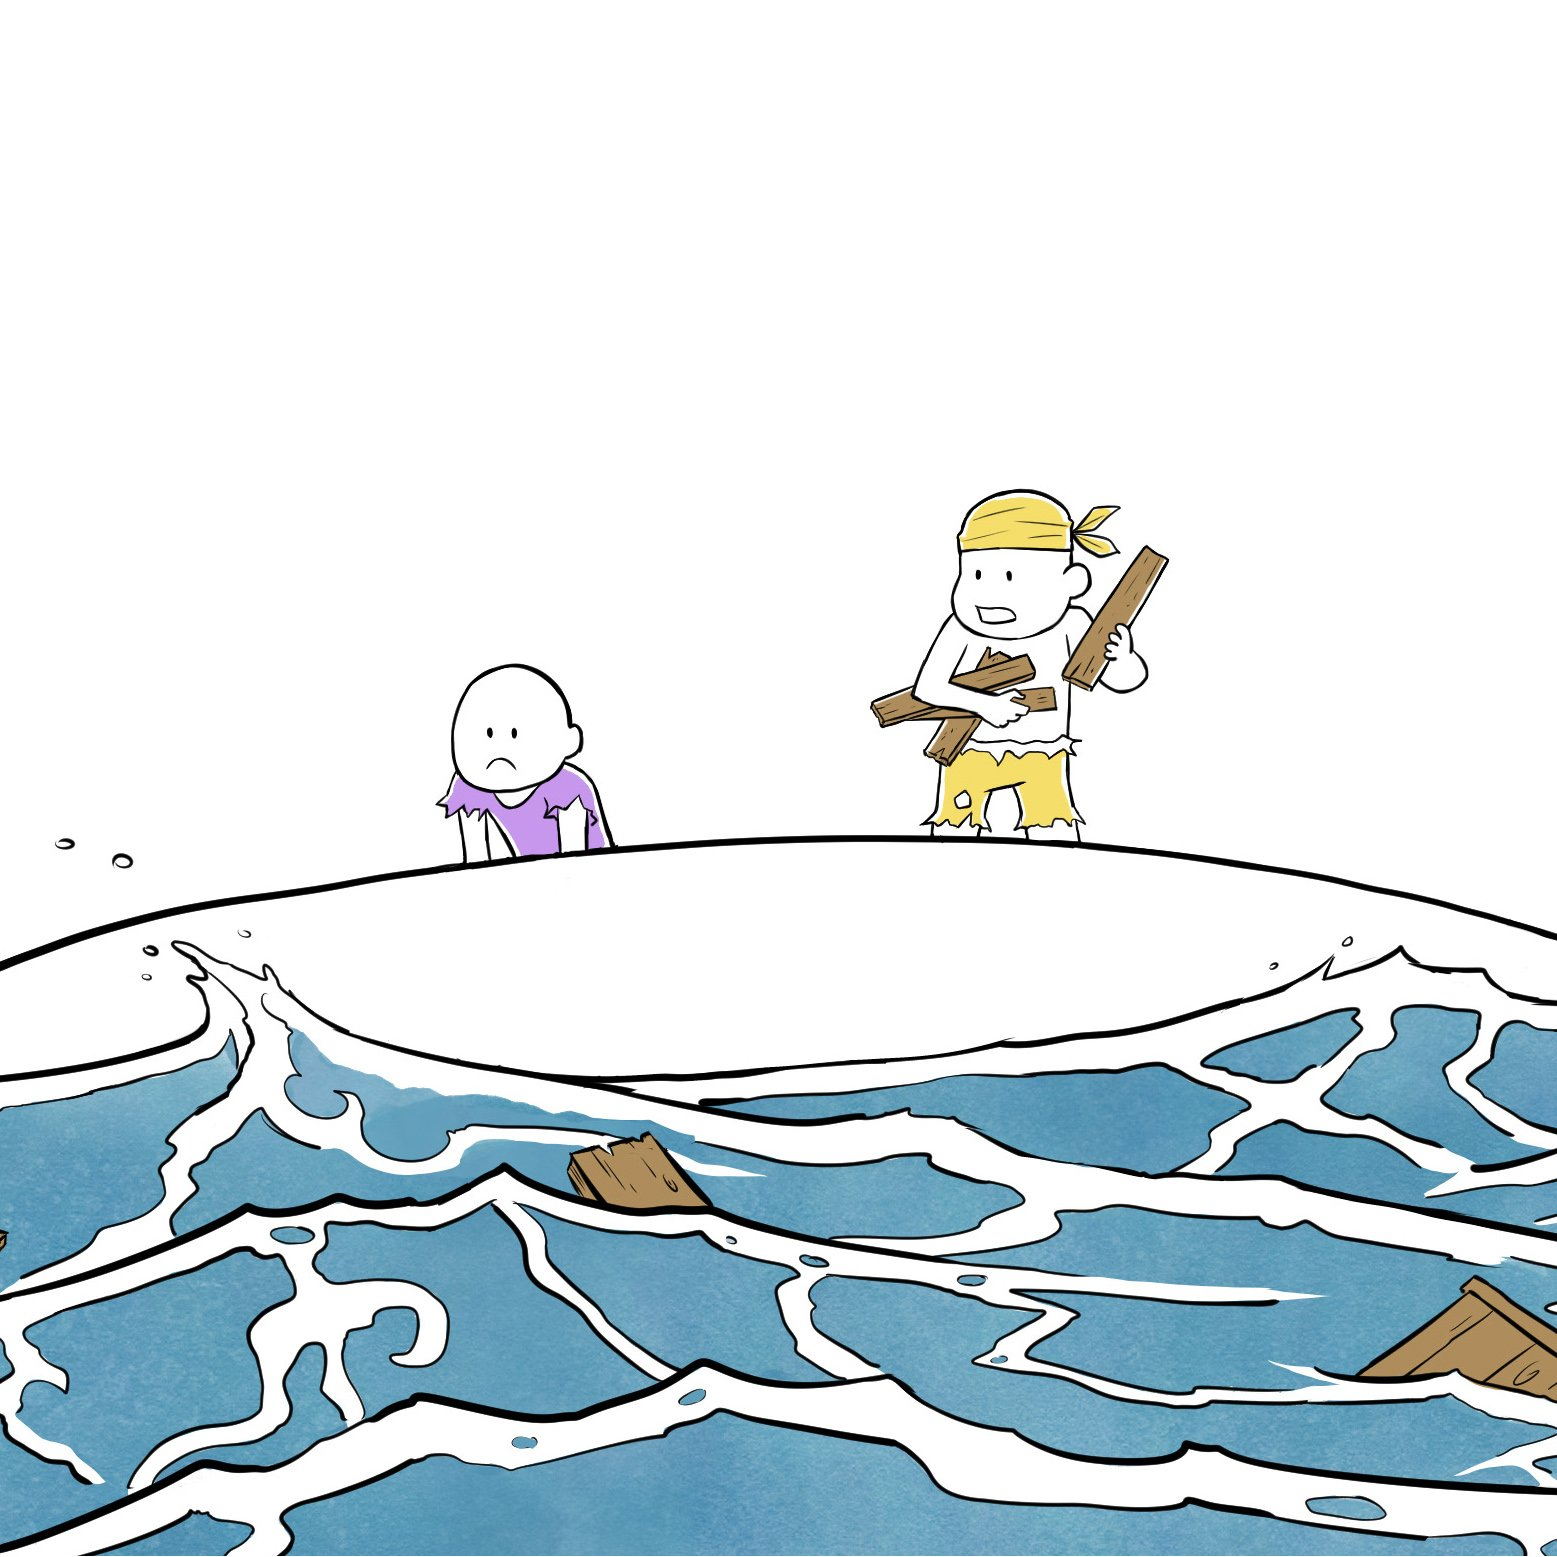 Illustration de 2 personnages naufragés dans la mer